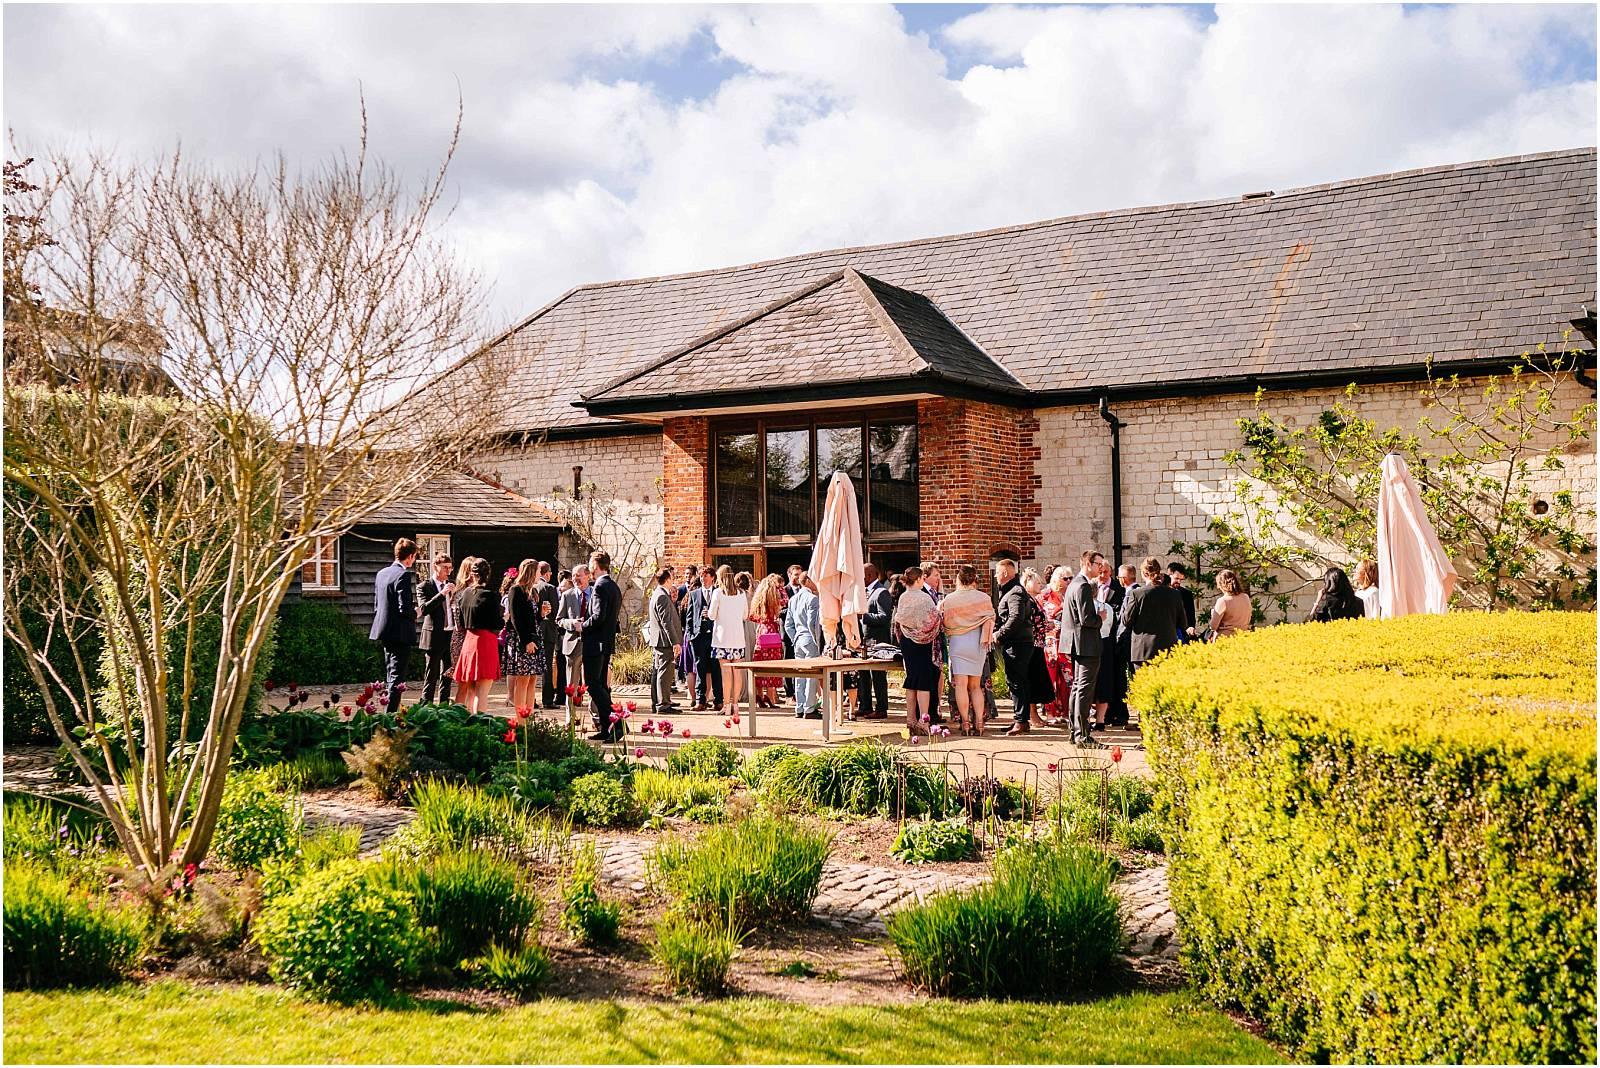 Bury court barn wedding photography